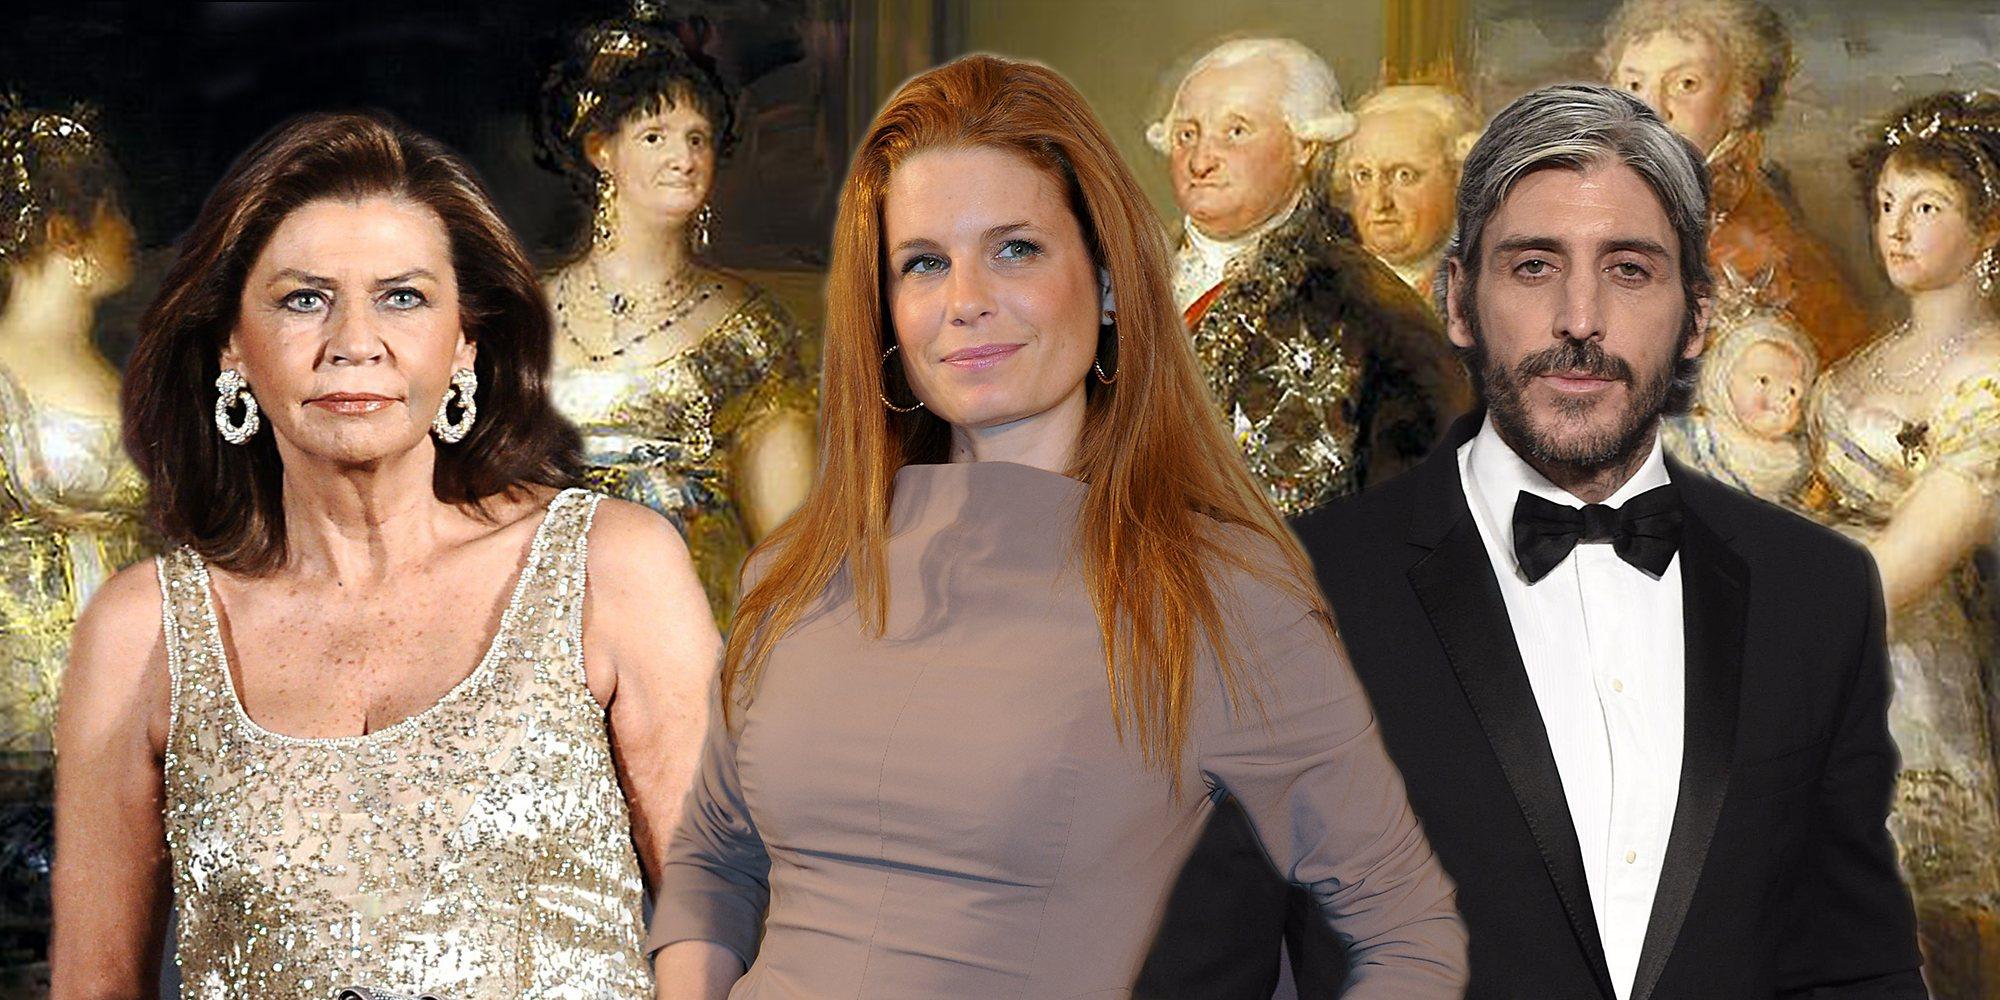 Los Borbones que cotizan en el sector privado: entre las finanzas, la moda y los reality shows